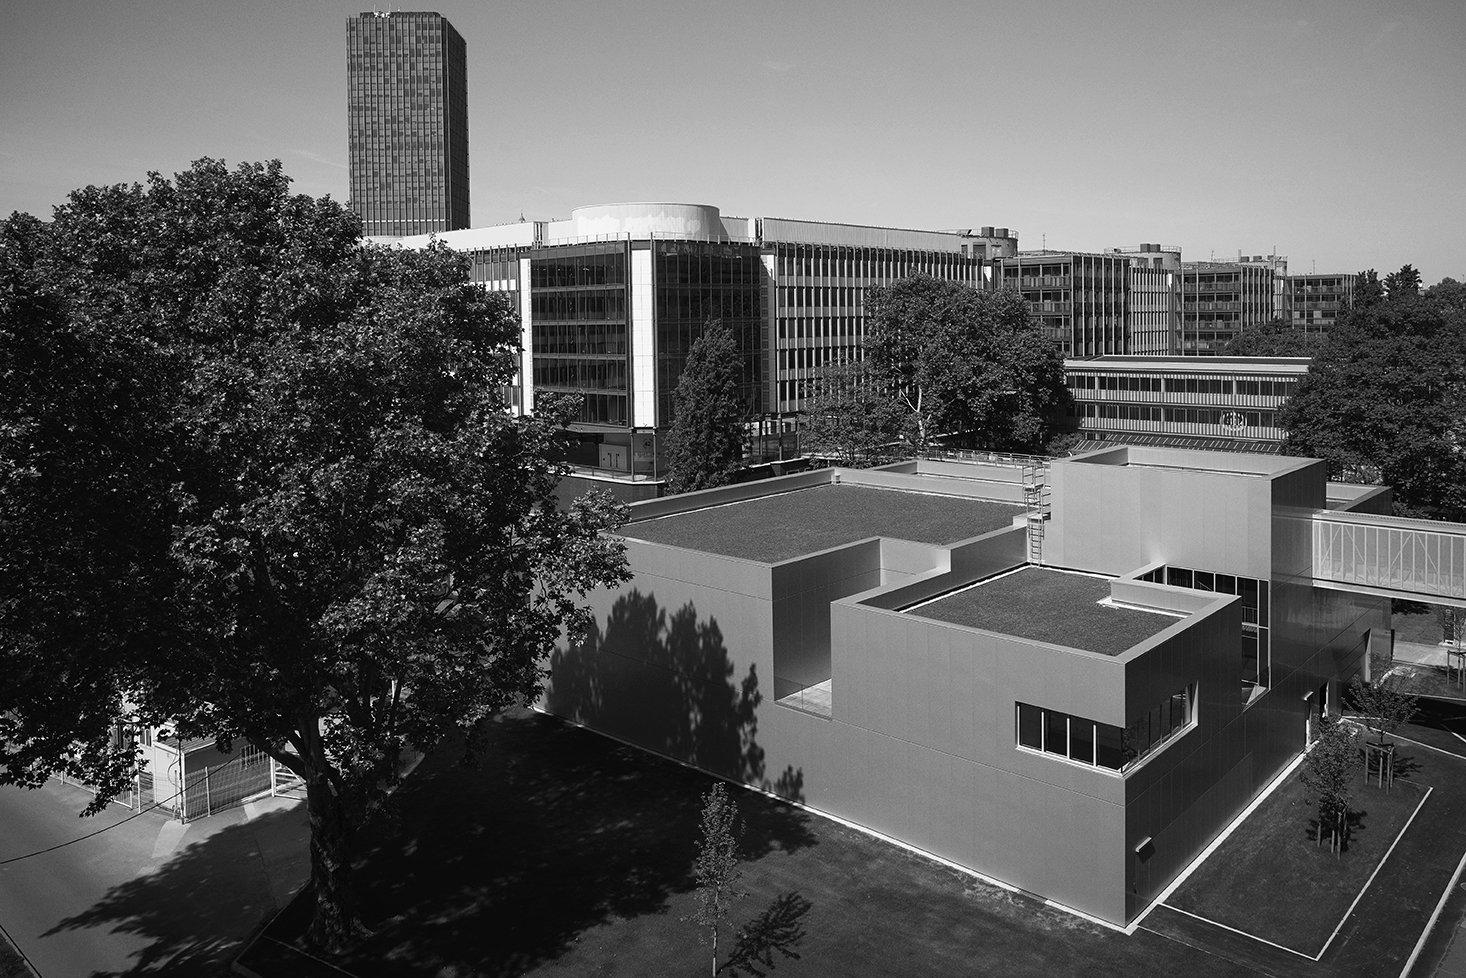 https://www.transform-architecture.com/wp-content/uploads/2020/12/TRANSFORM-Centre-exploration-fonctionnelle-Jussieu-14.jpg